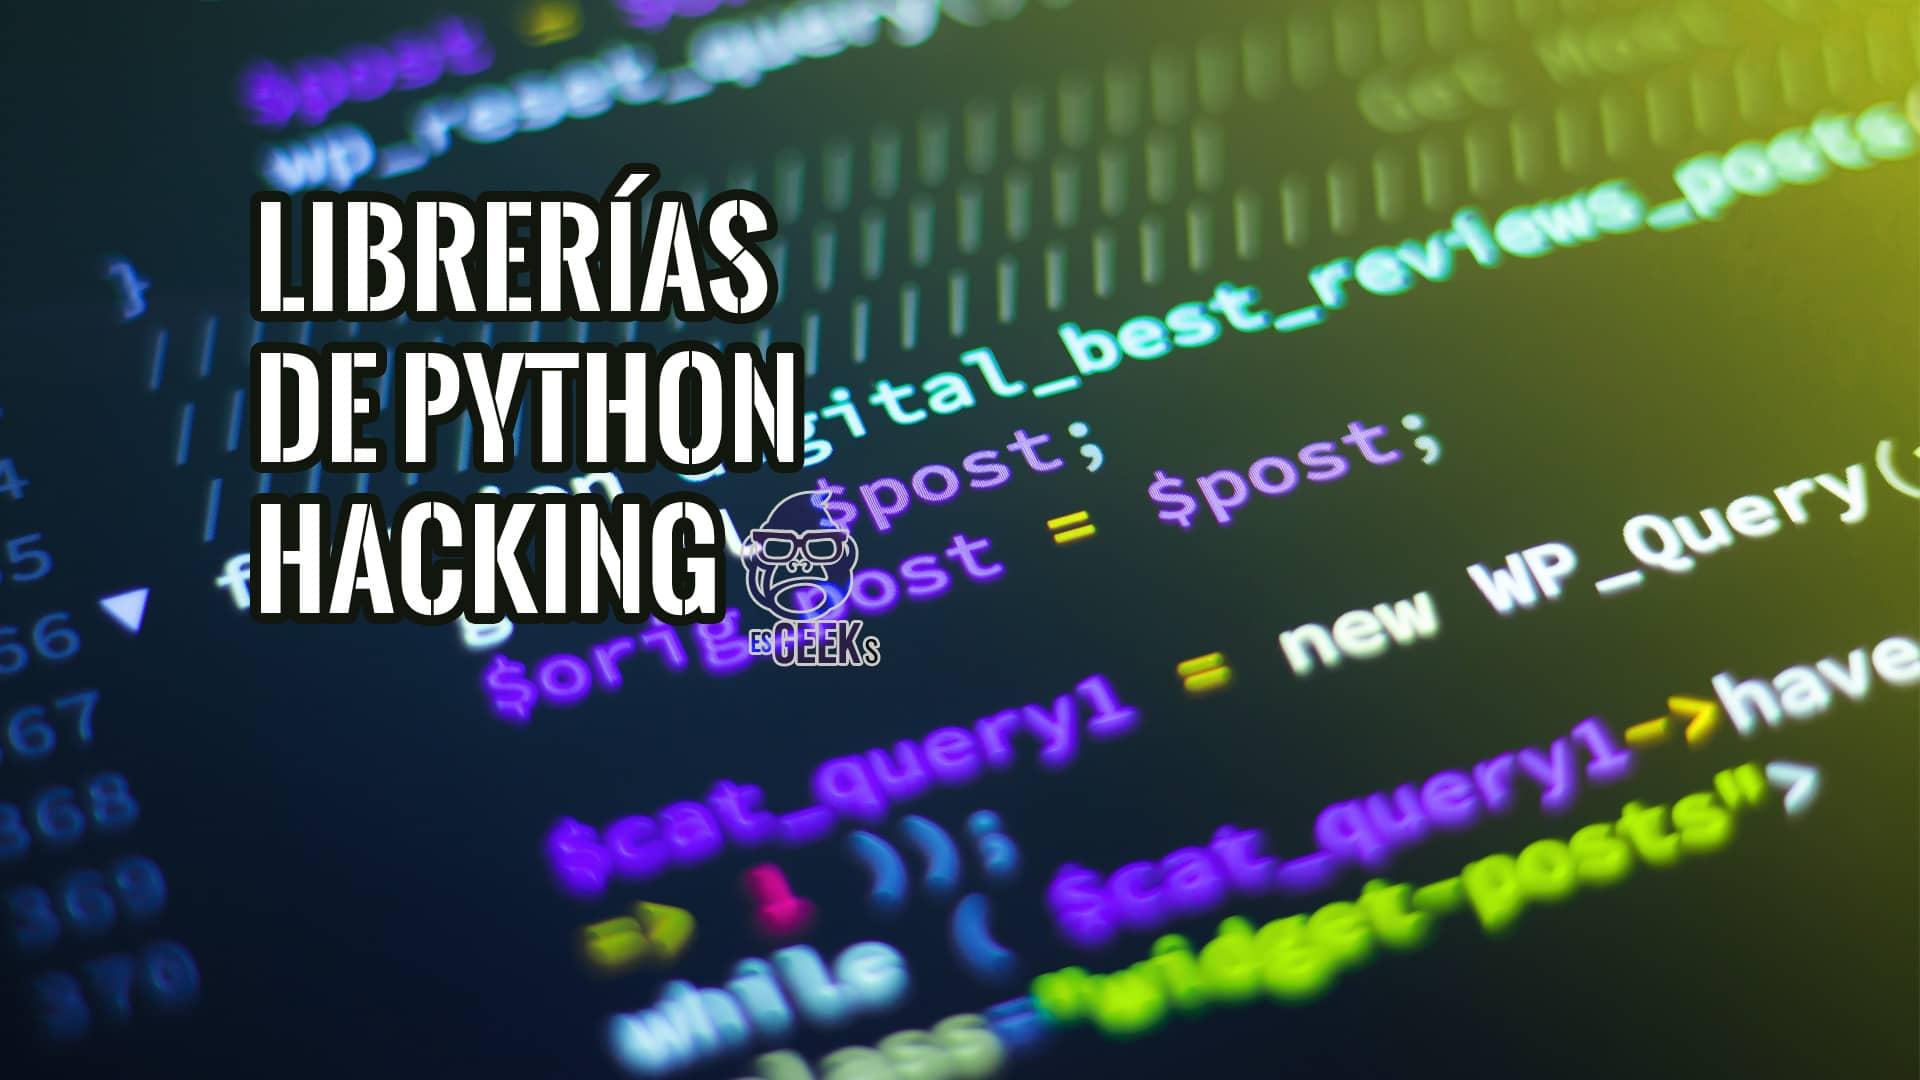 Mejores Librerías de Python utilizadas para el Hacking